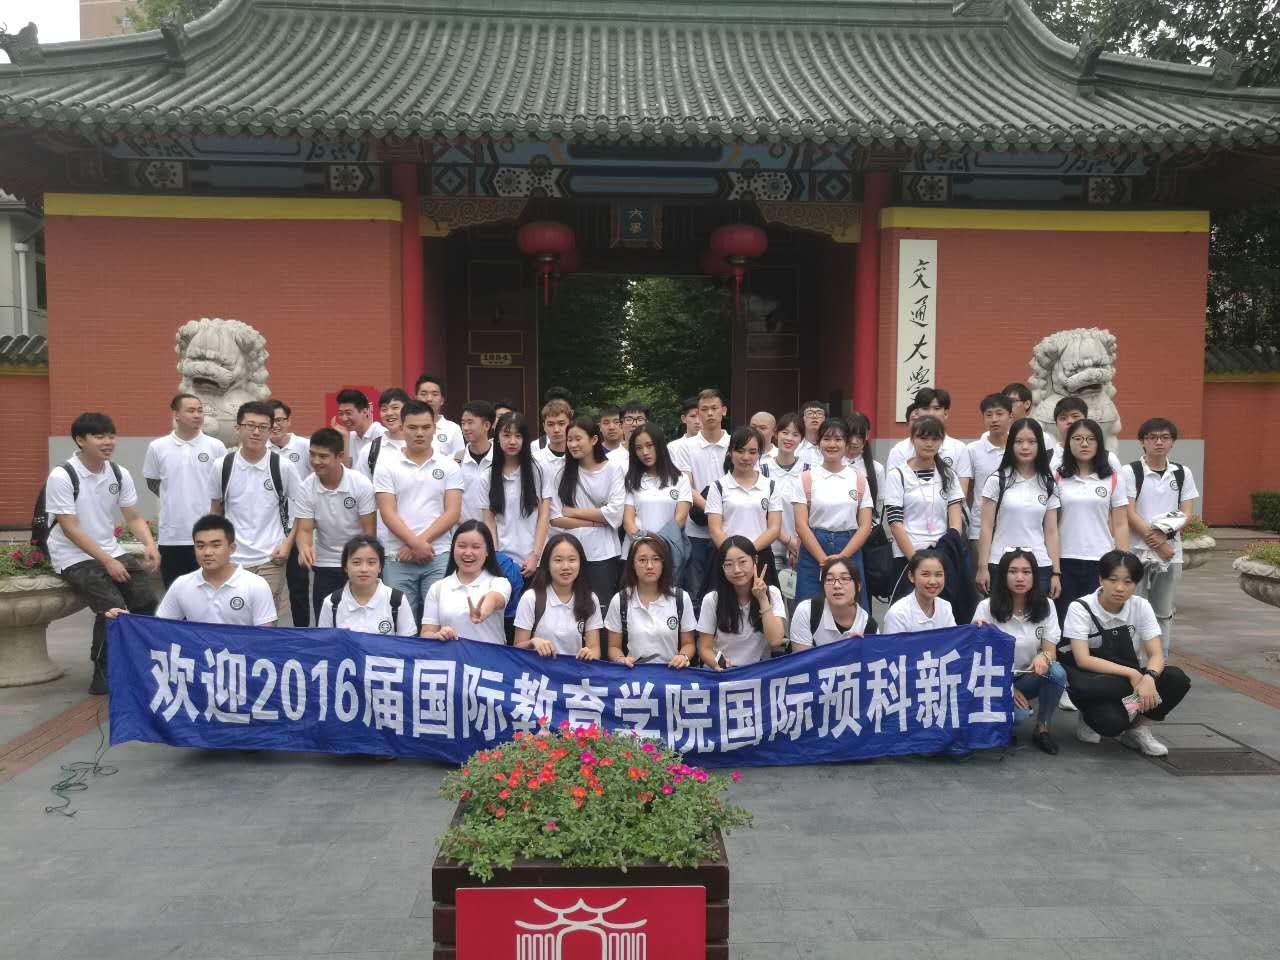 上海交大教育集团国际教育学院国际本硕项目